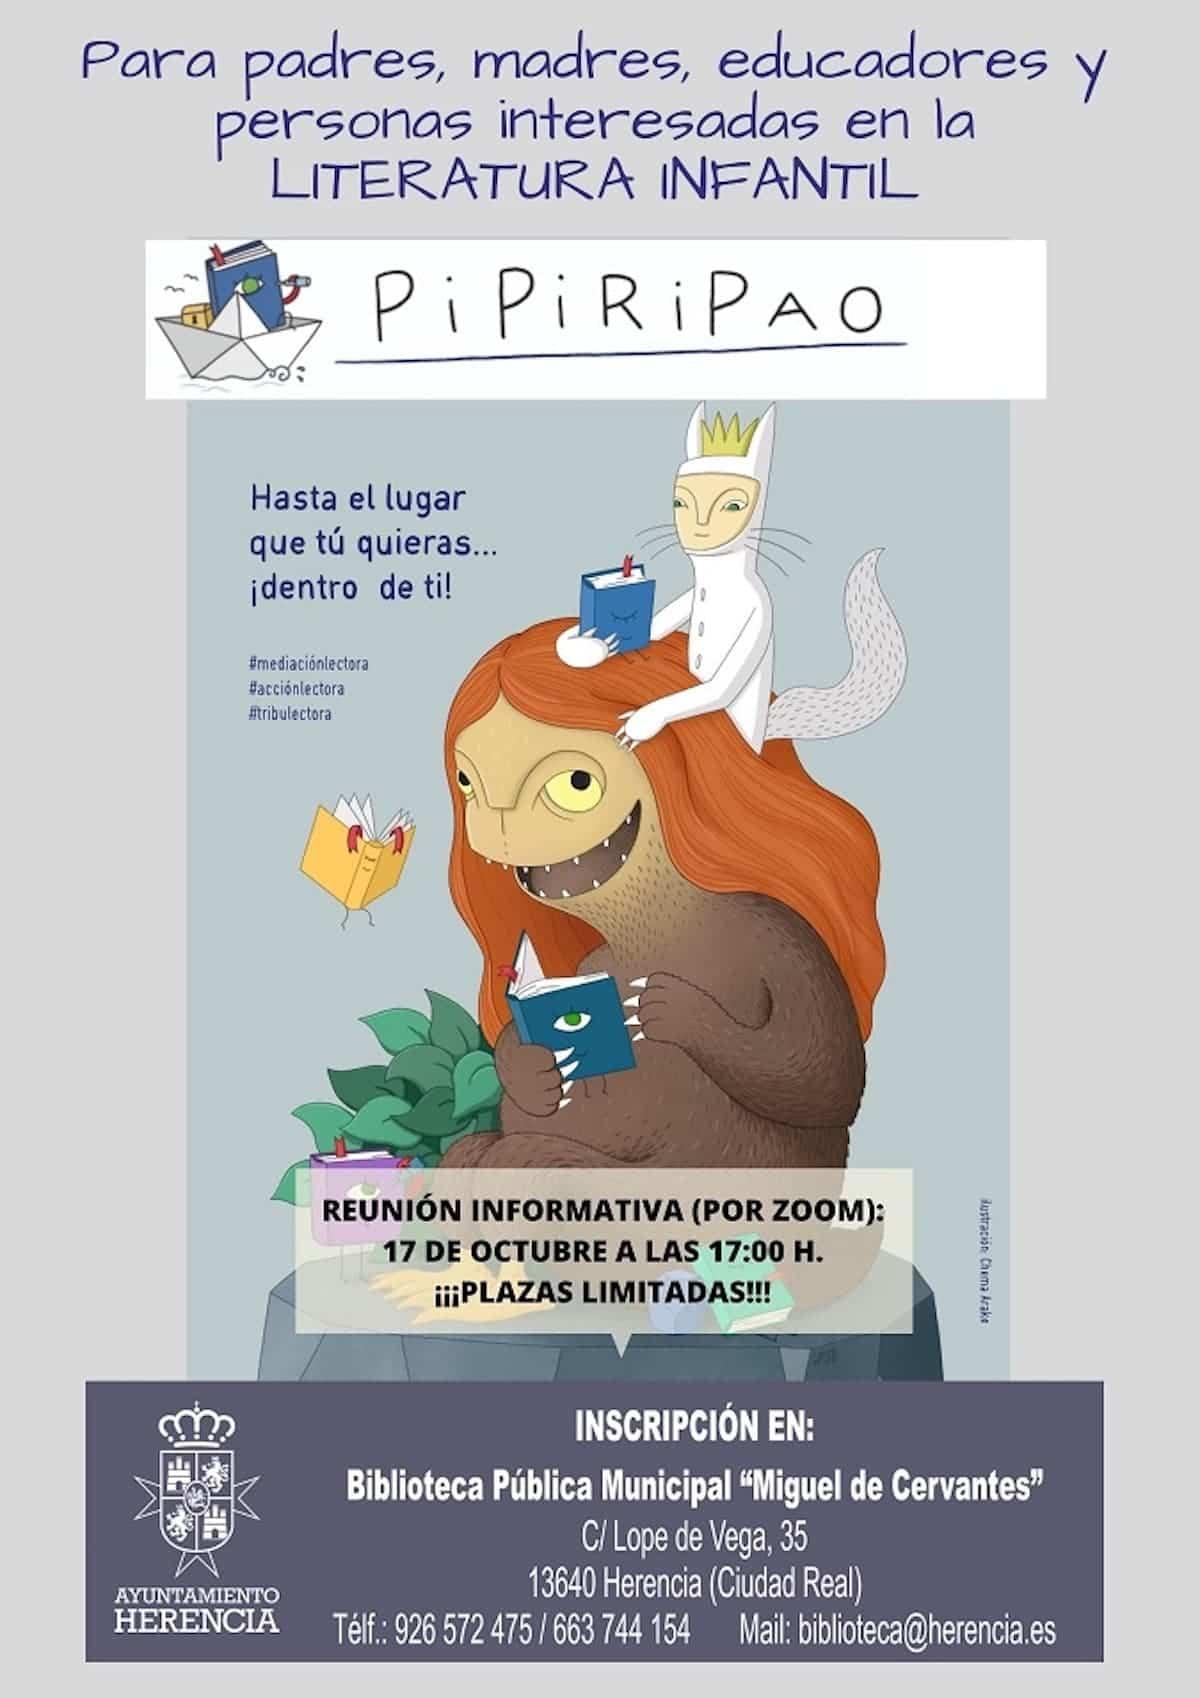 cartel pipiripao literatura infantil herencia - Nuevo curso de Pipiripao para potenciar la lectura entre los más pequeños desde la Biblioteca herenciana